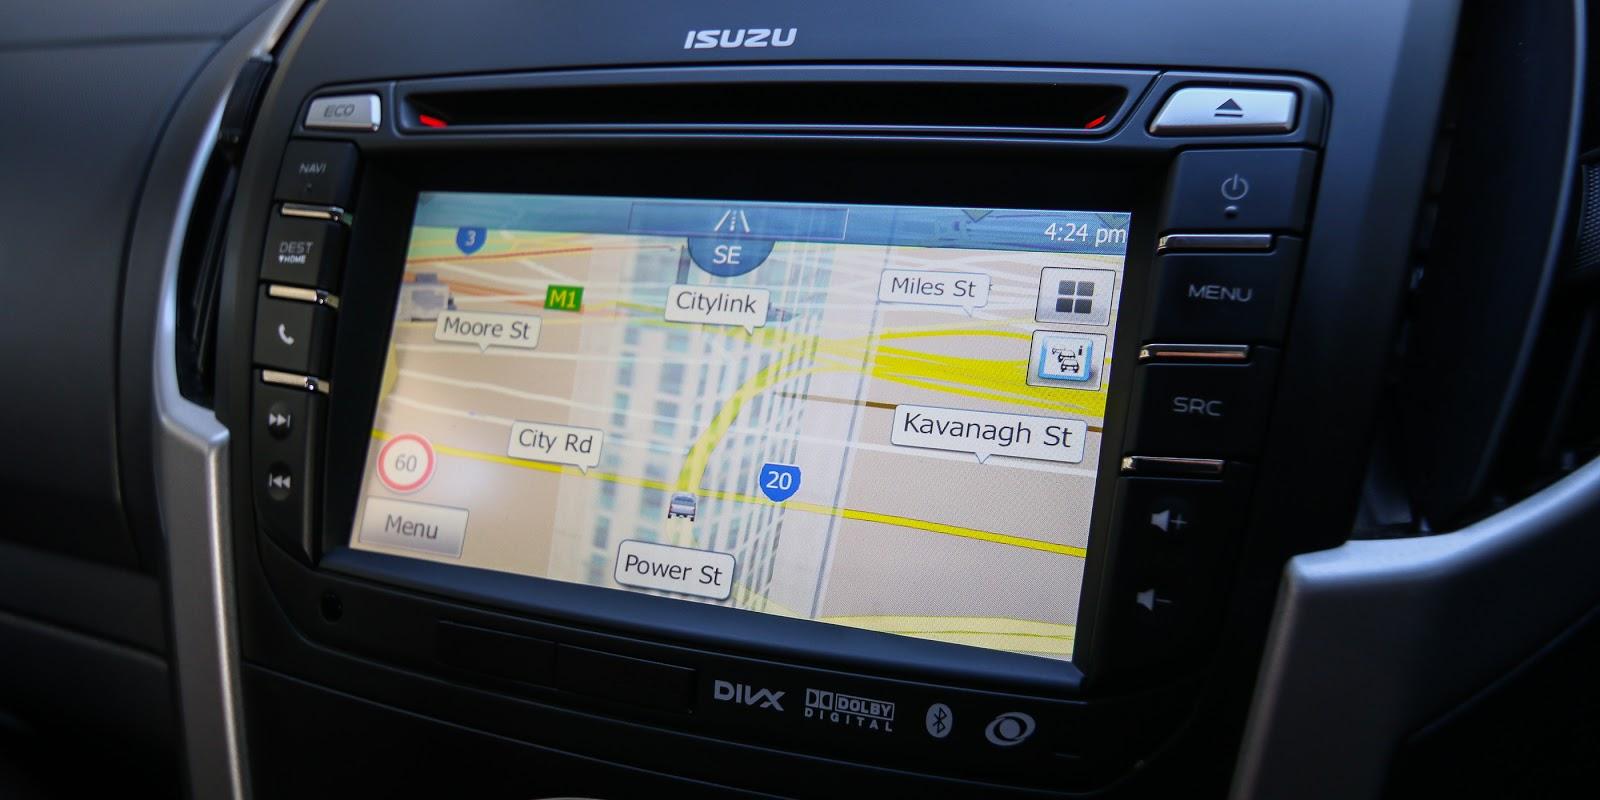 Đánh giá xe Isuzu D-Max 2016